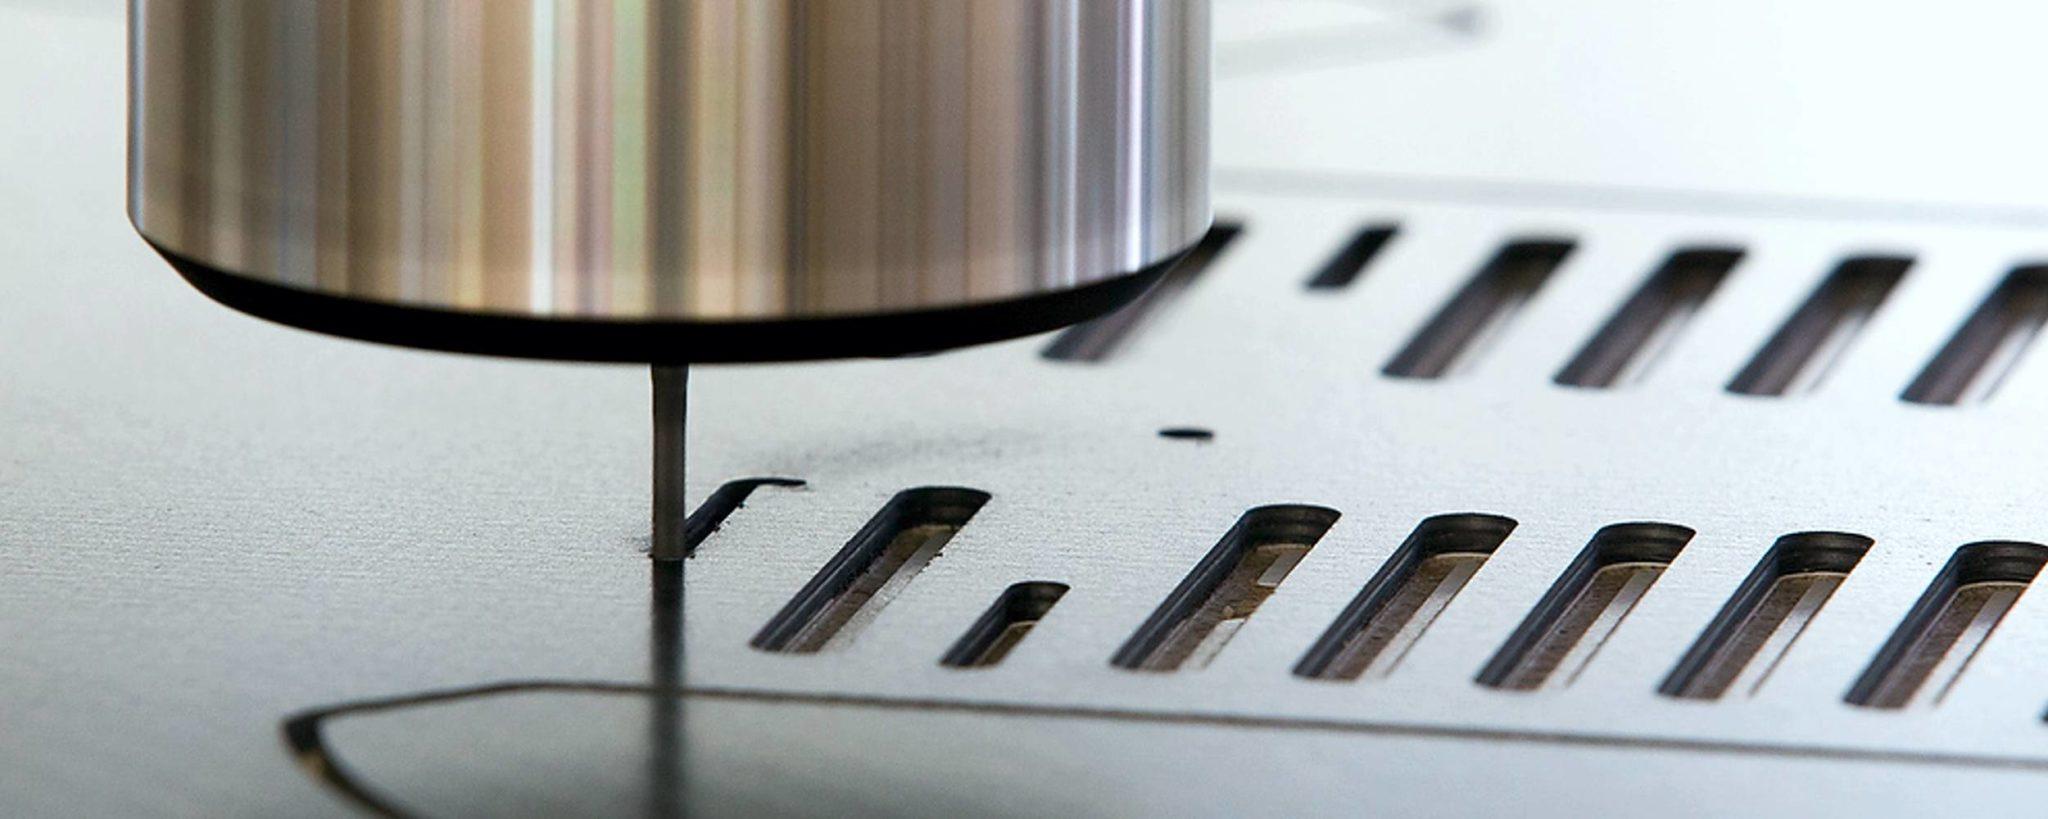 CNC Technik - Individuelle und präzise Fertigung